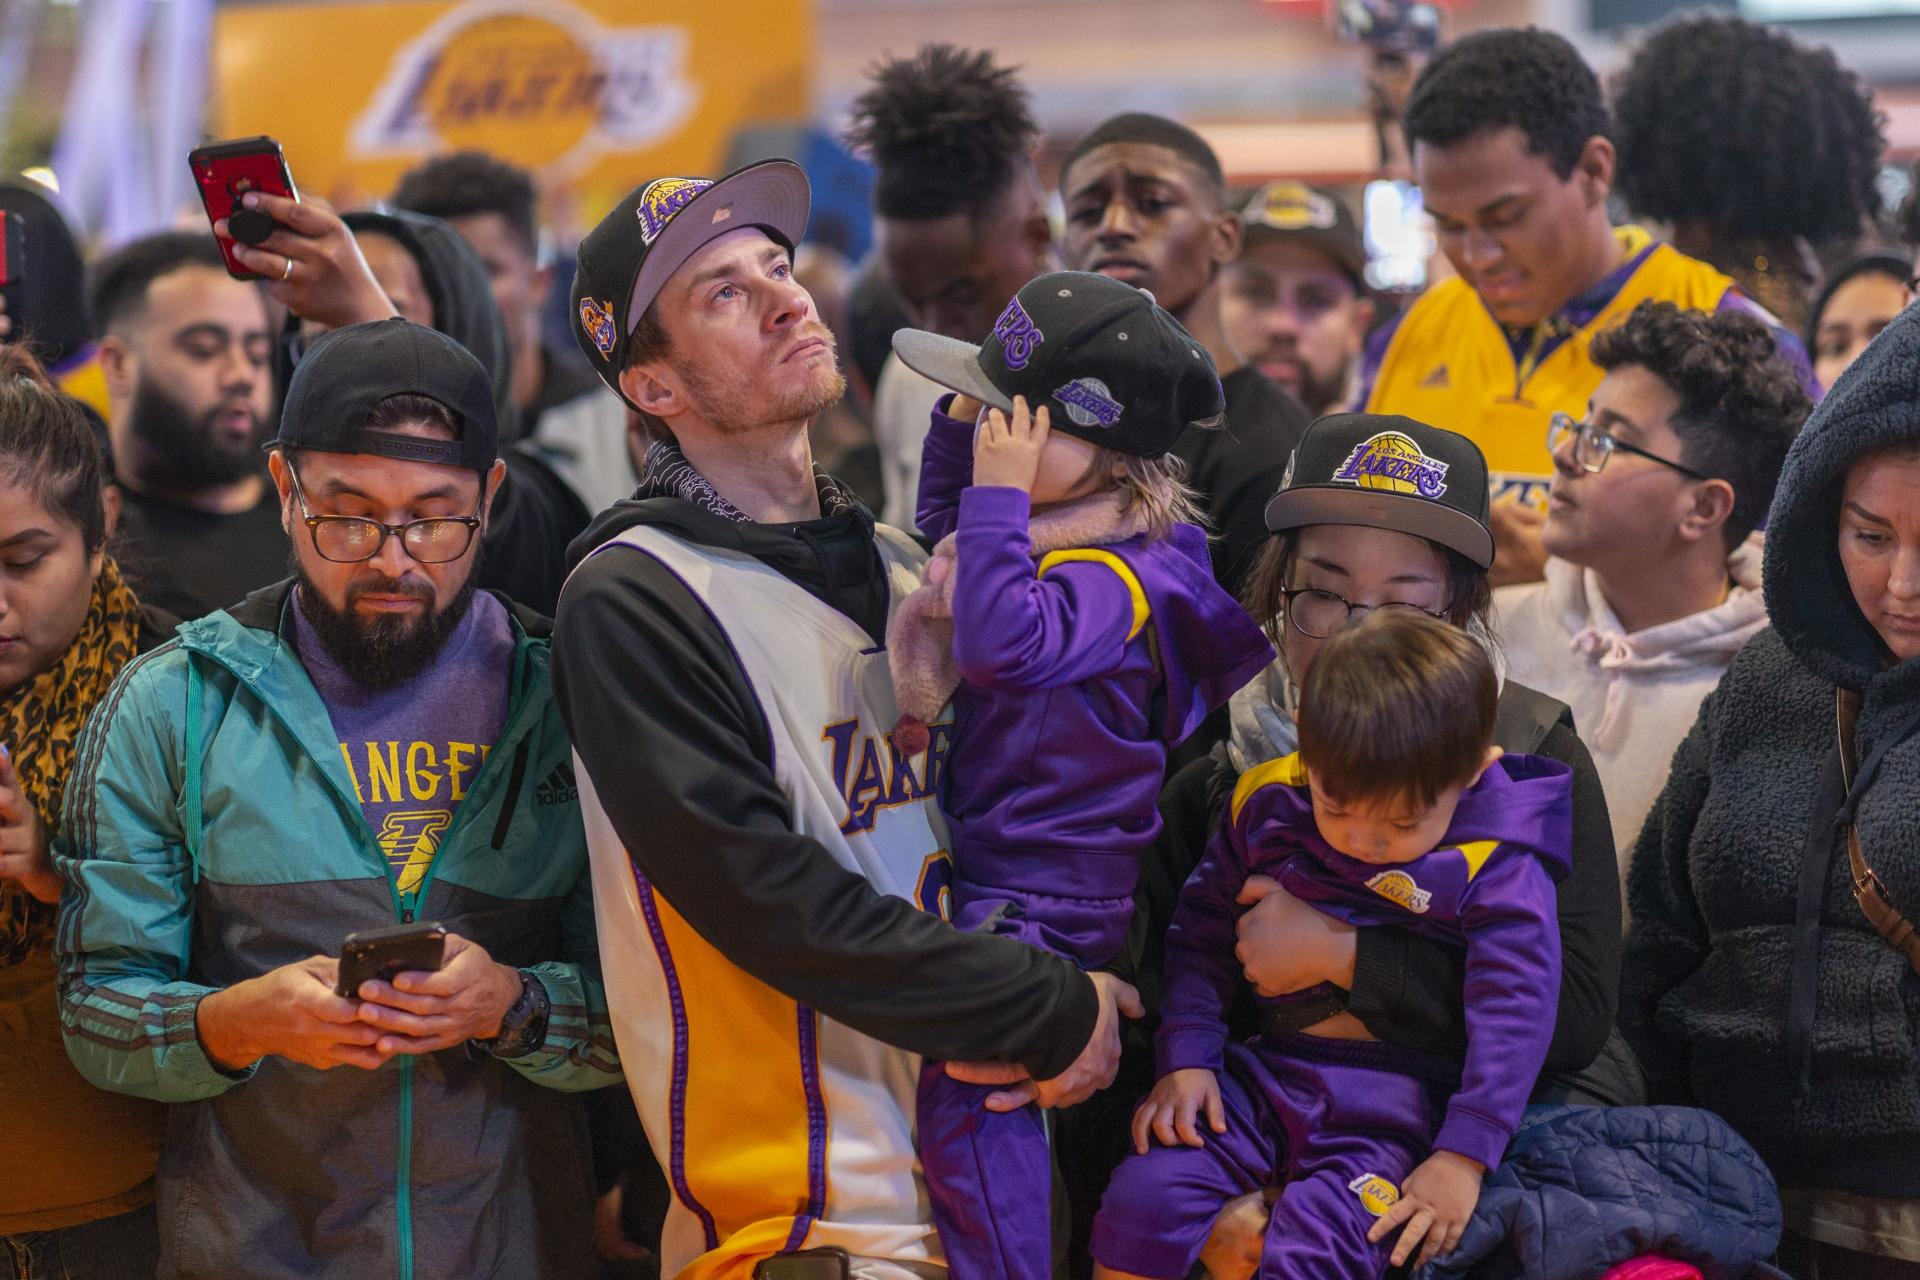 Près du Staples Center, une foule est rassemblée en mémoire de Kobe Bryant.